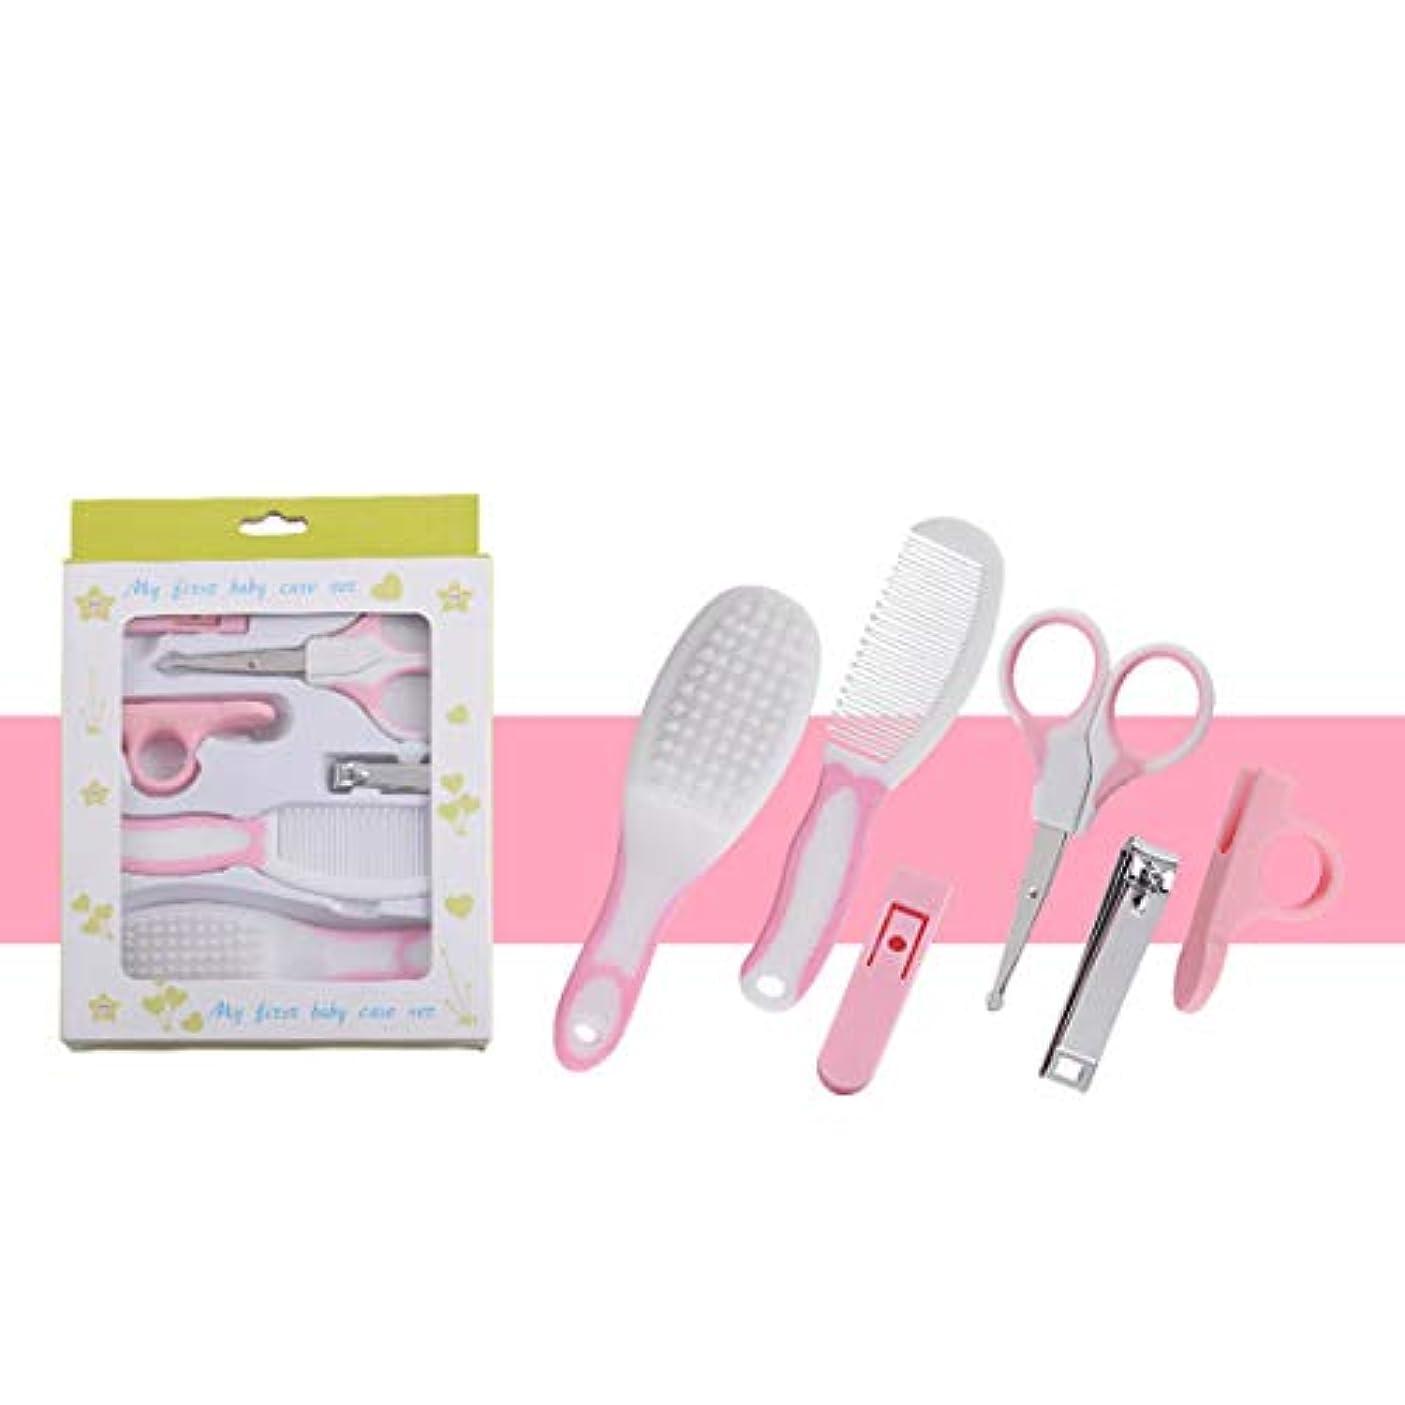 象カウンタマウンドKingsleyW ベビーケアセットベビーコームブラシセット母体と子供用品 (色 : Pink set)